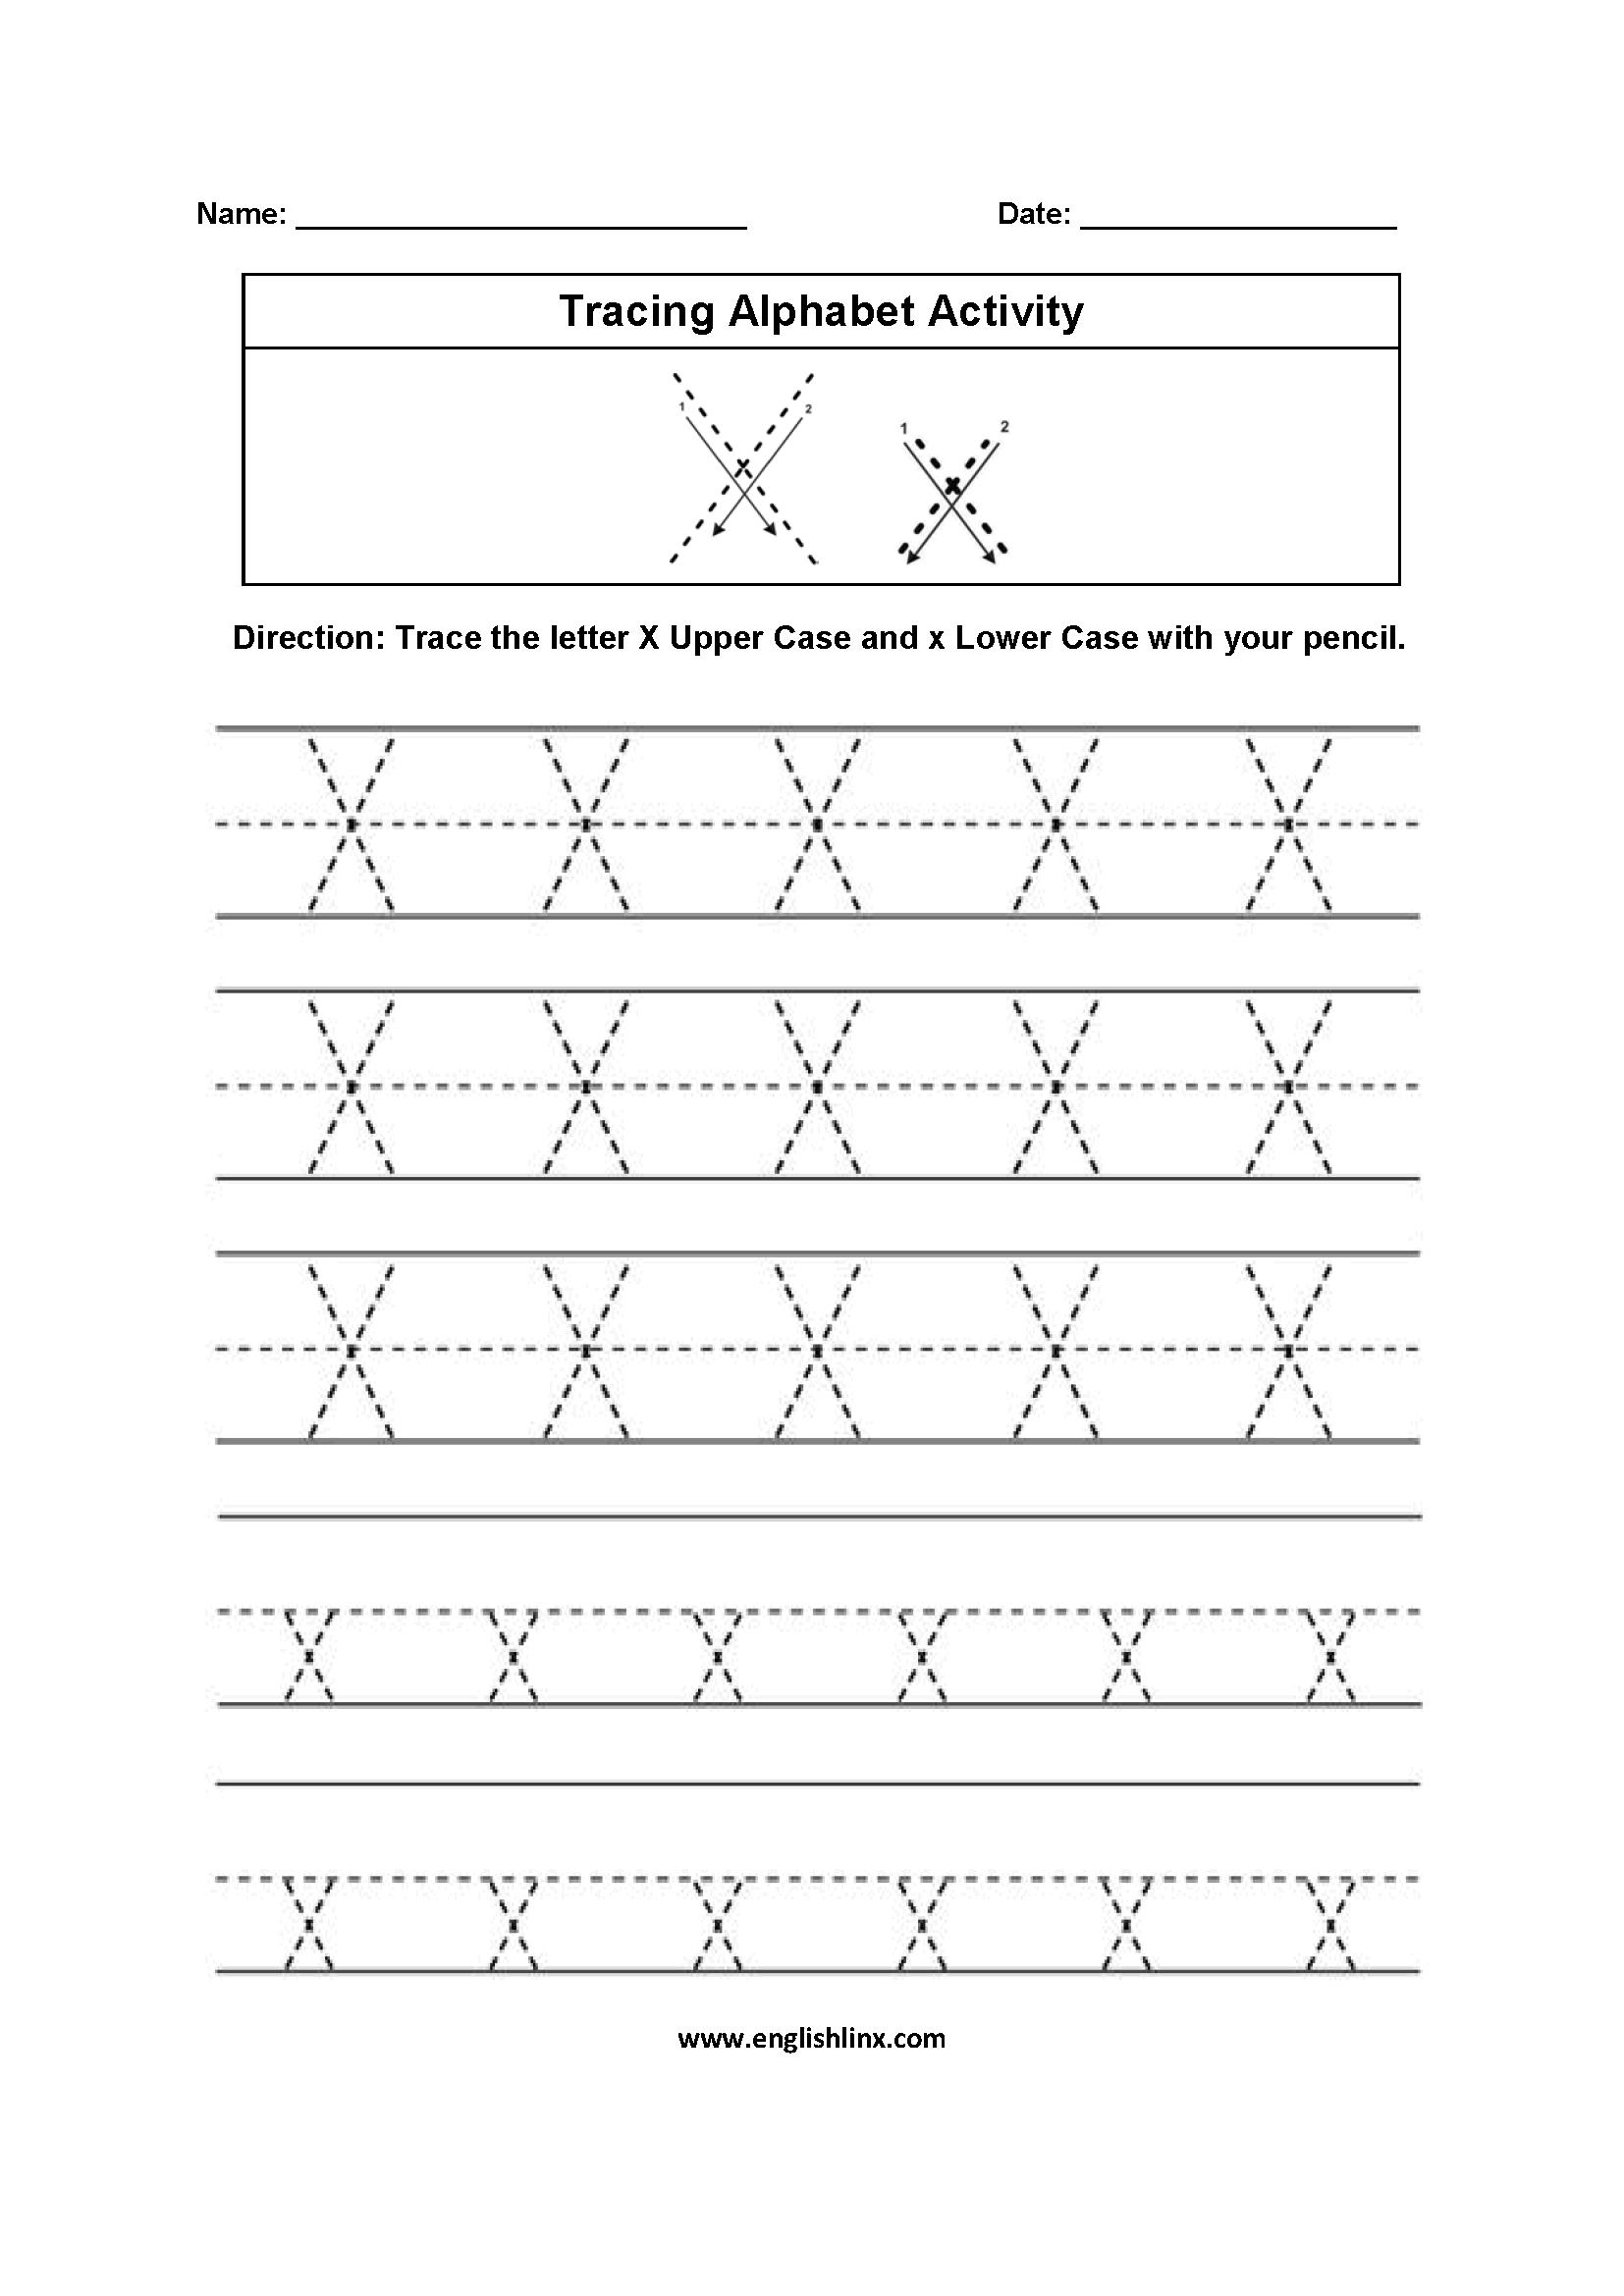 Alphabet Worksheets | Tracing Alphabet Worksheets intended for Letter X Worksheets Pdf